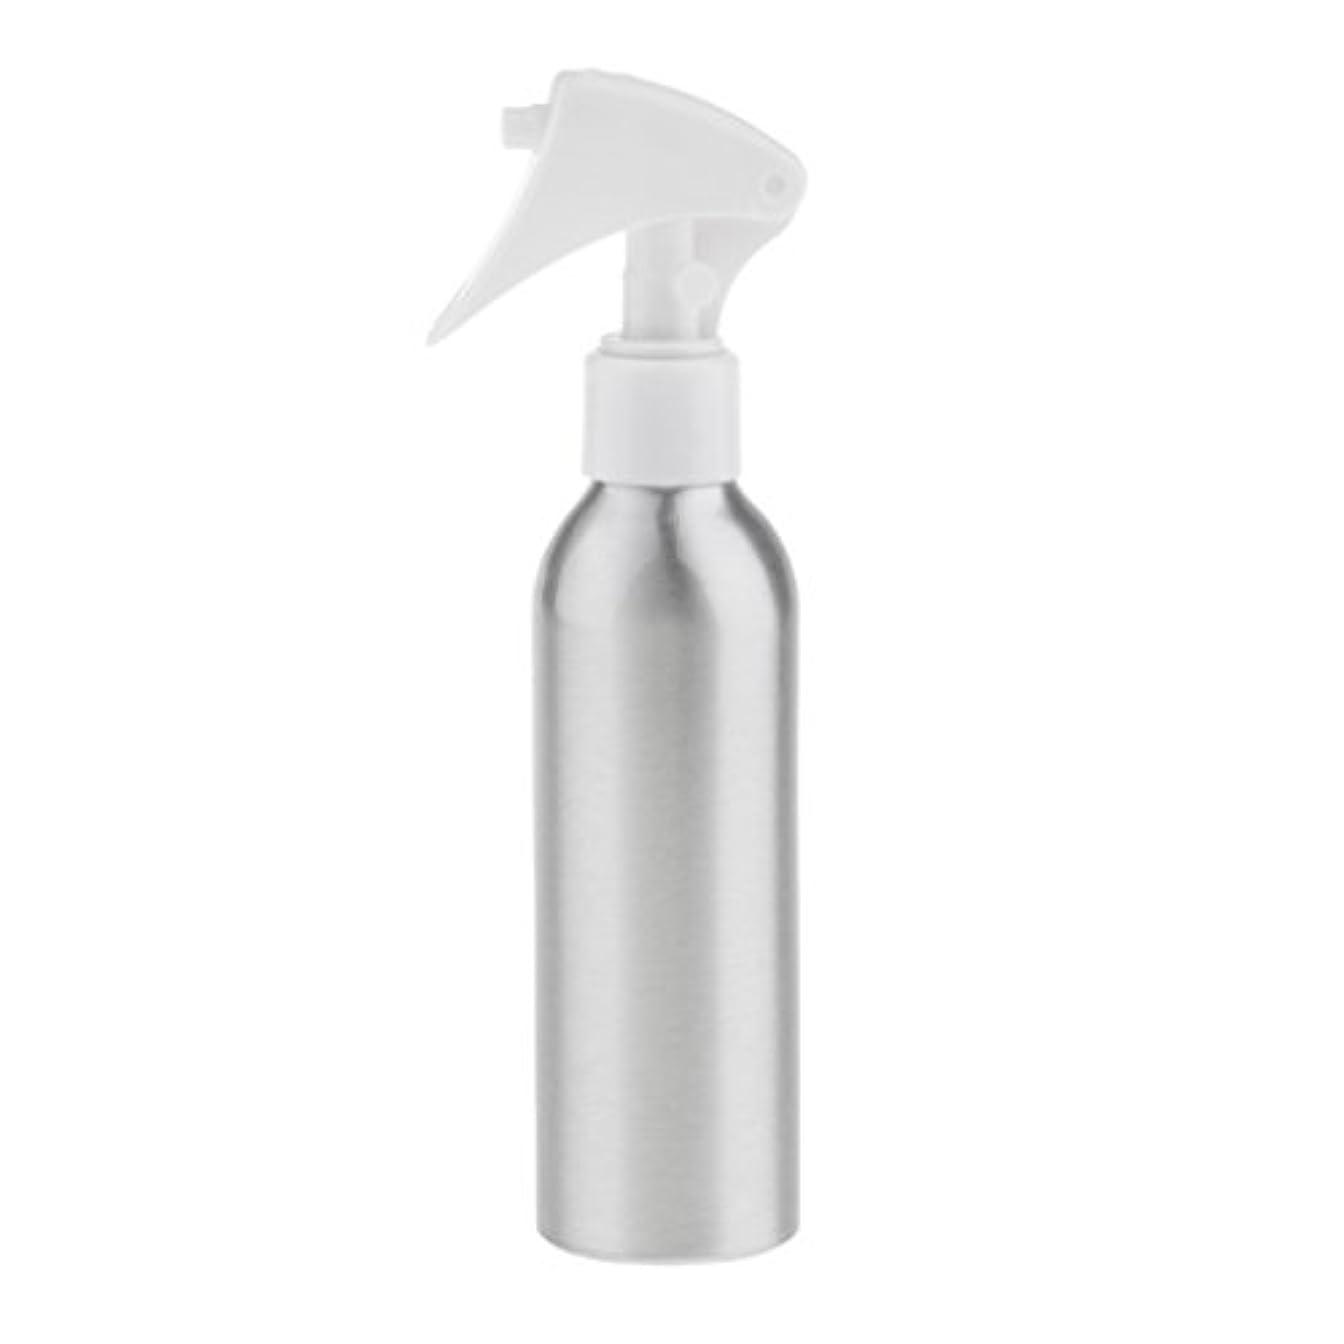 有望溶融切り刻むスプレーボトル ポンプボトル 水スプレー 噴霧器 調合用水 ヘアーサロン 家庭用 植物 6サイズ選択 - 250ML